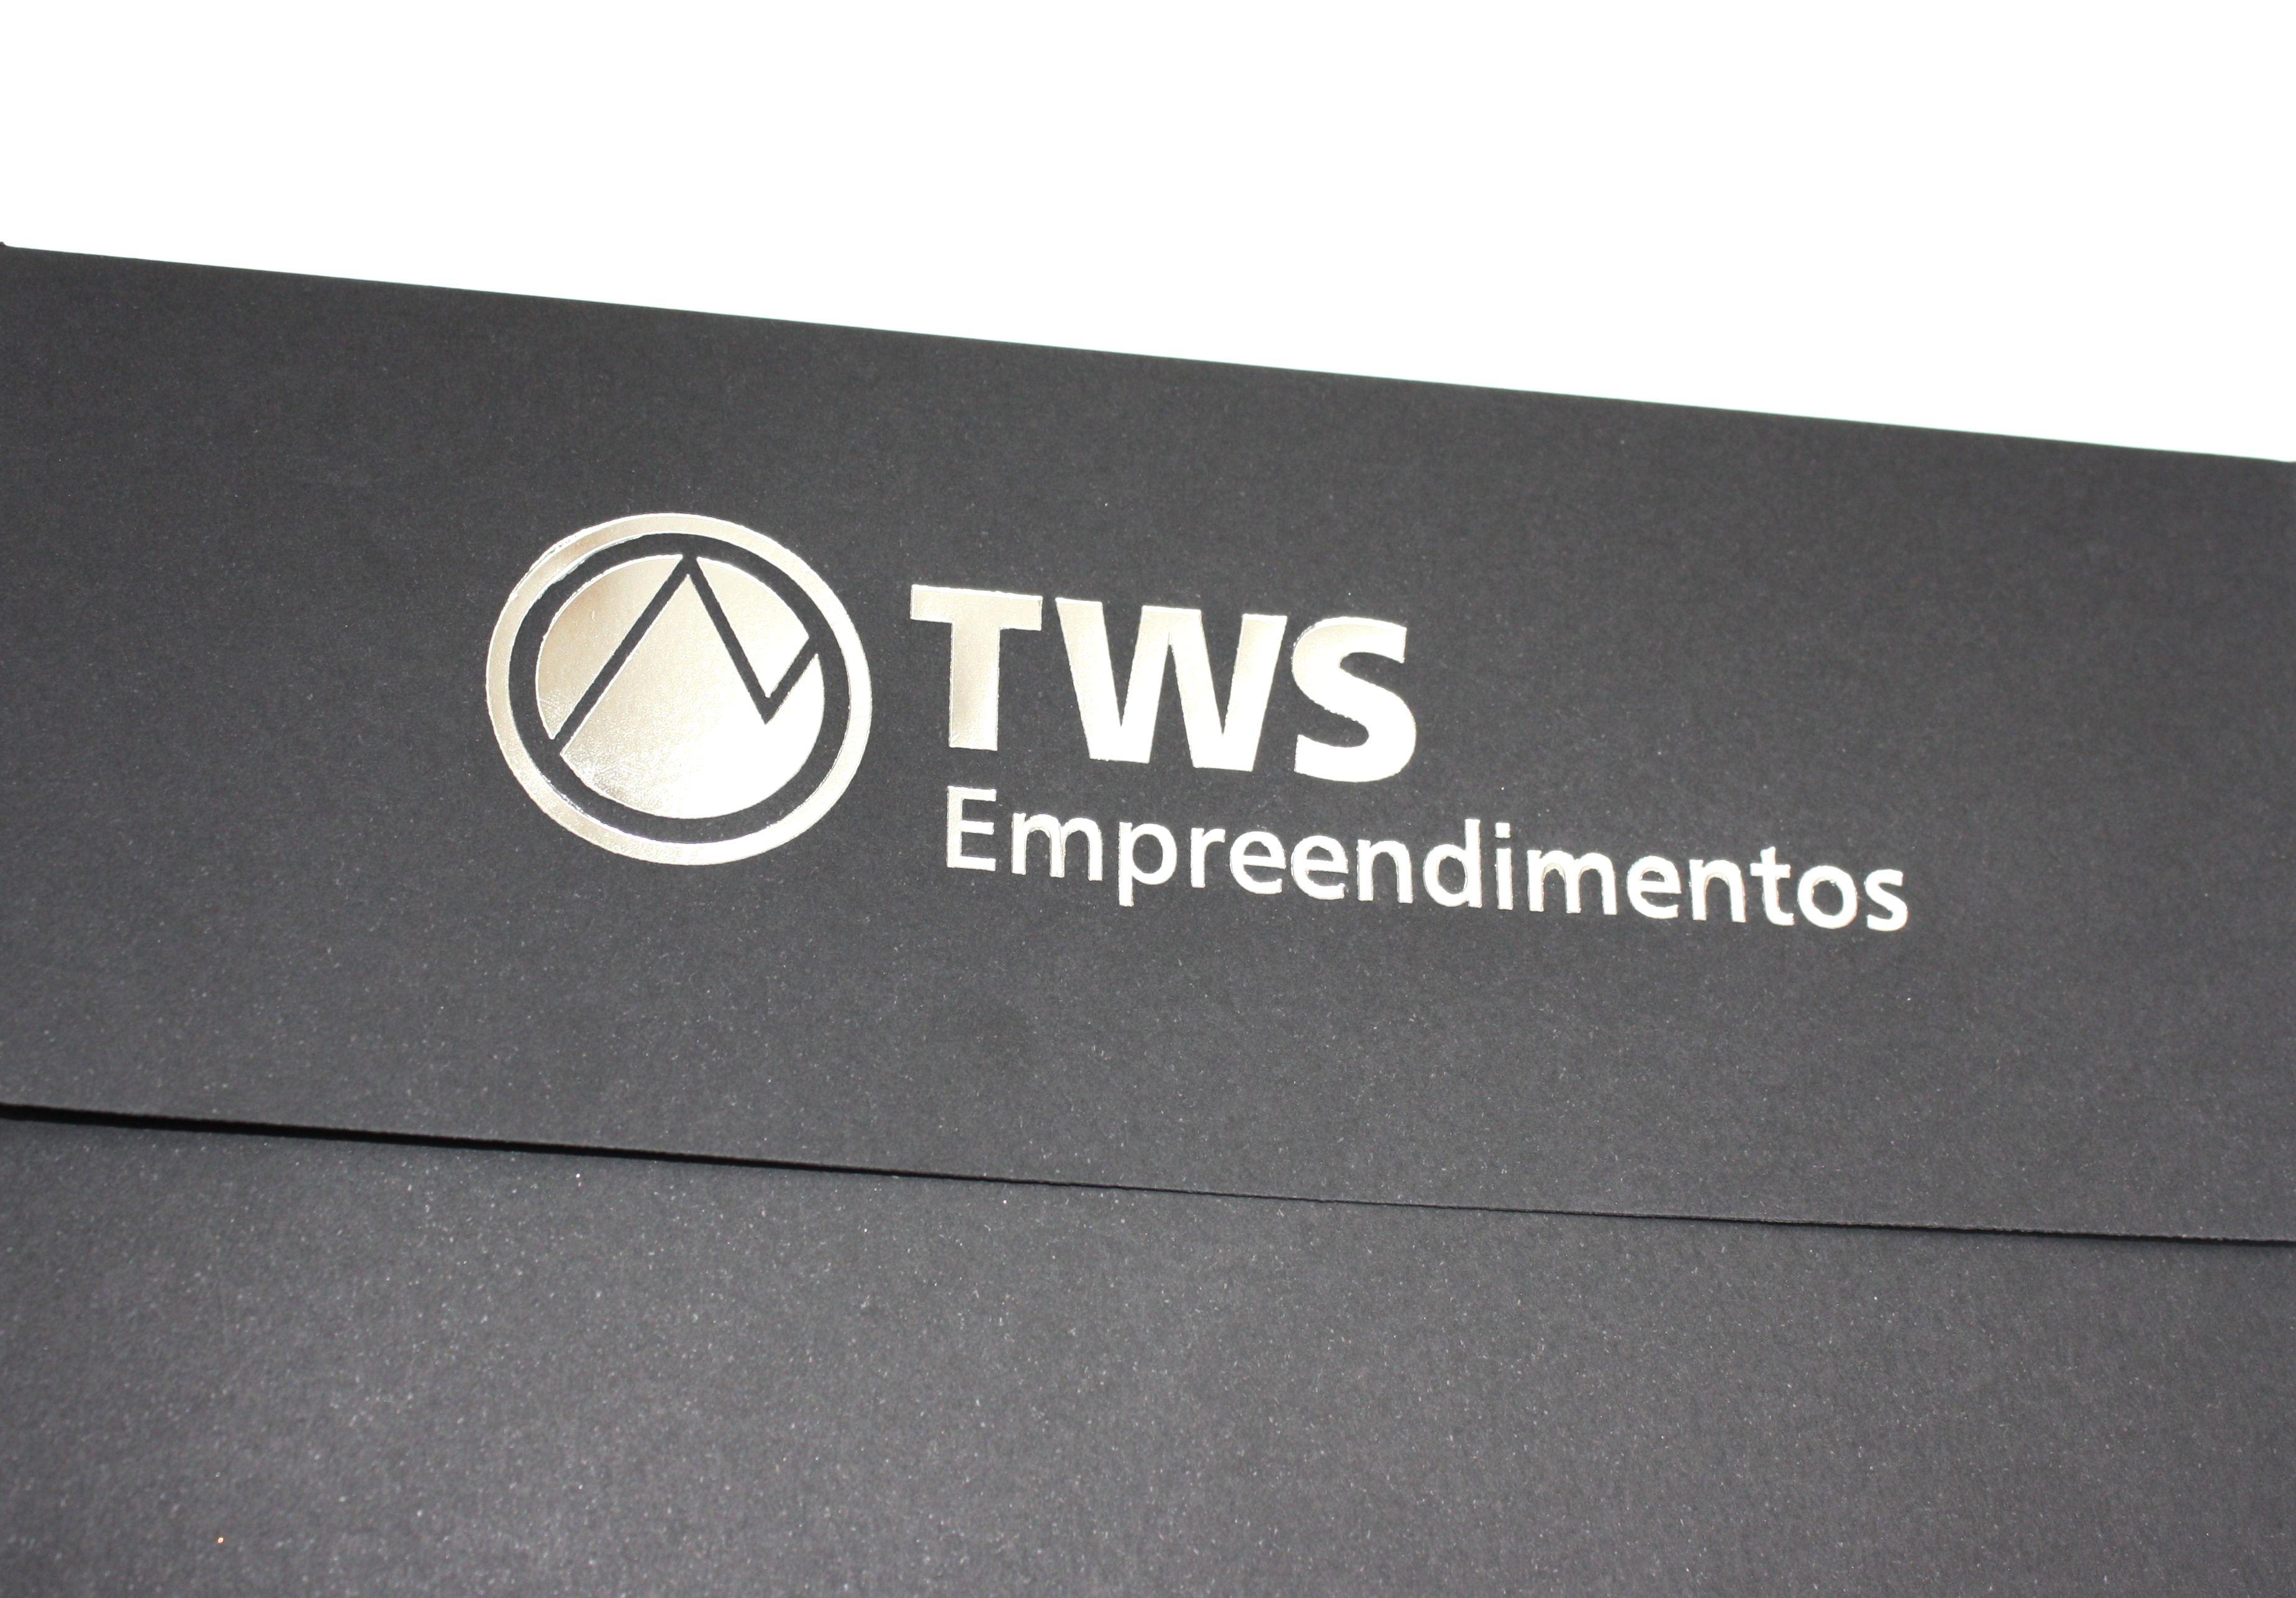 Convite corporativo para TWS Empreendimentos. #convite #invitation #corporativo #preto